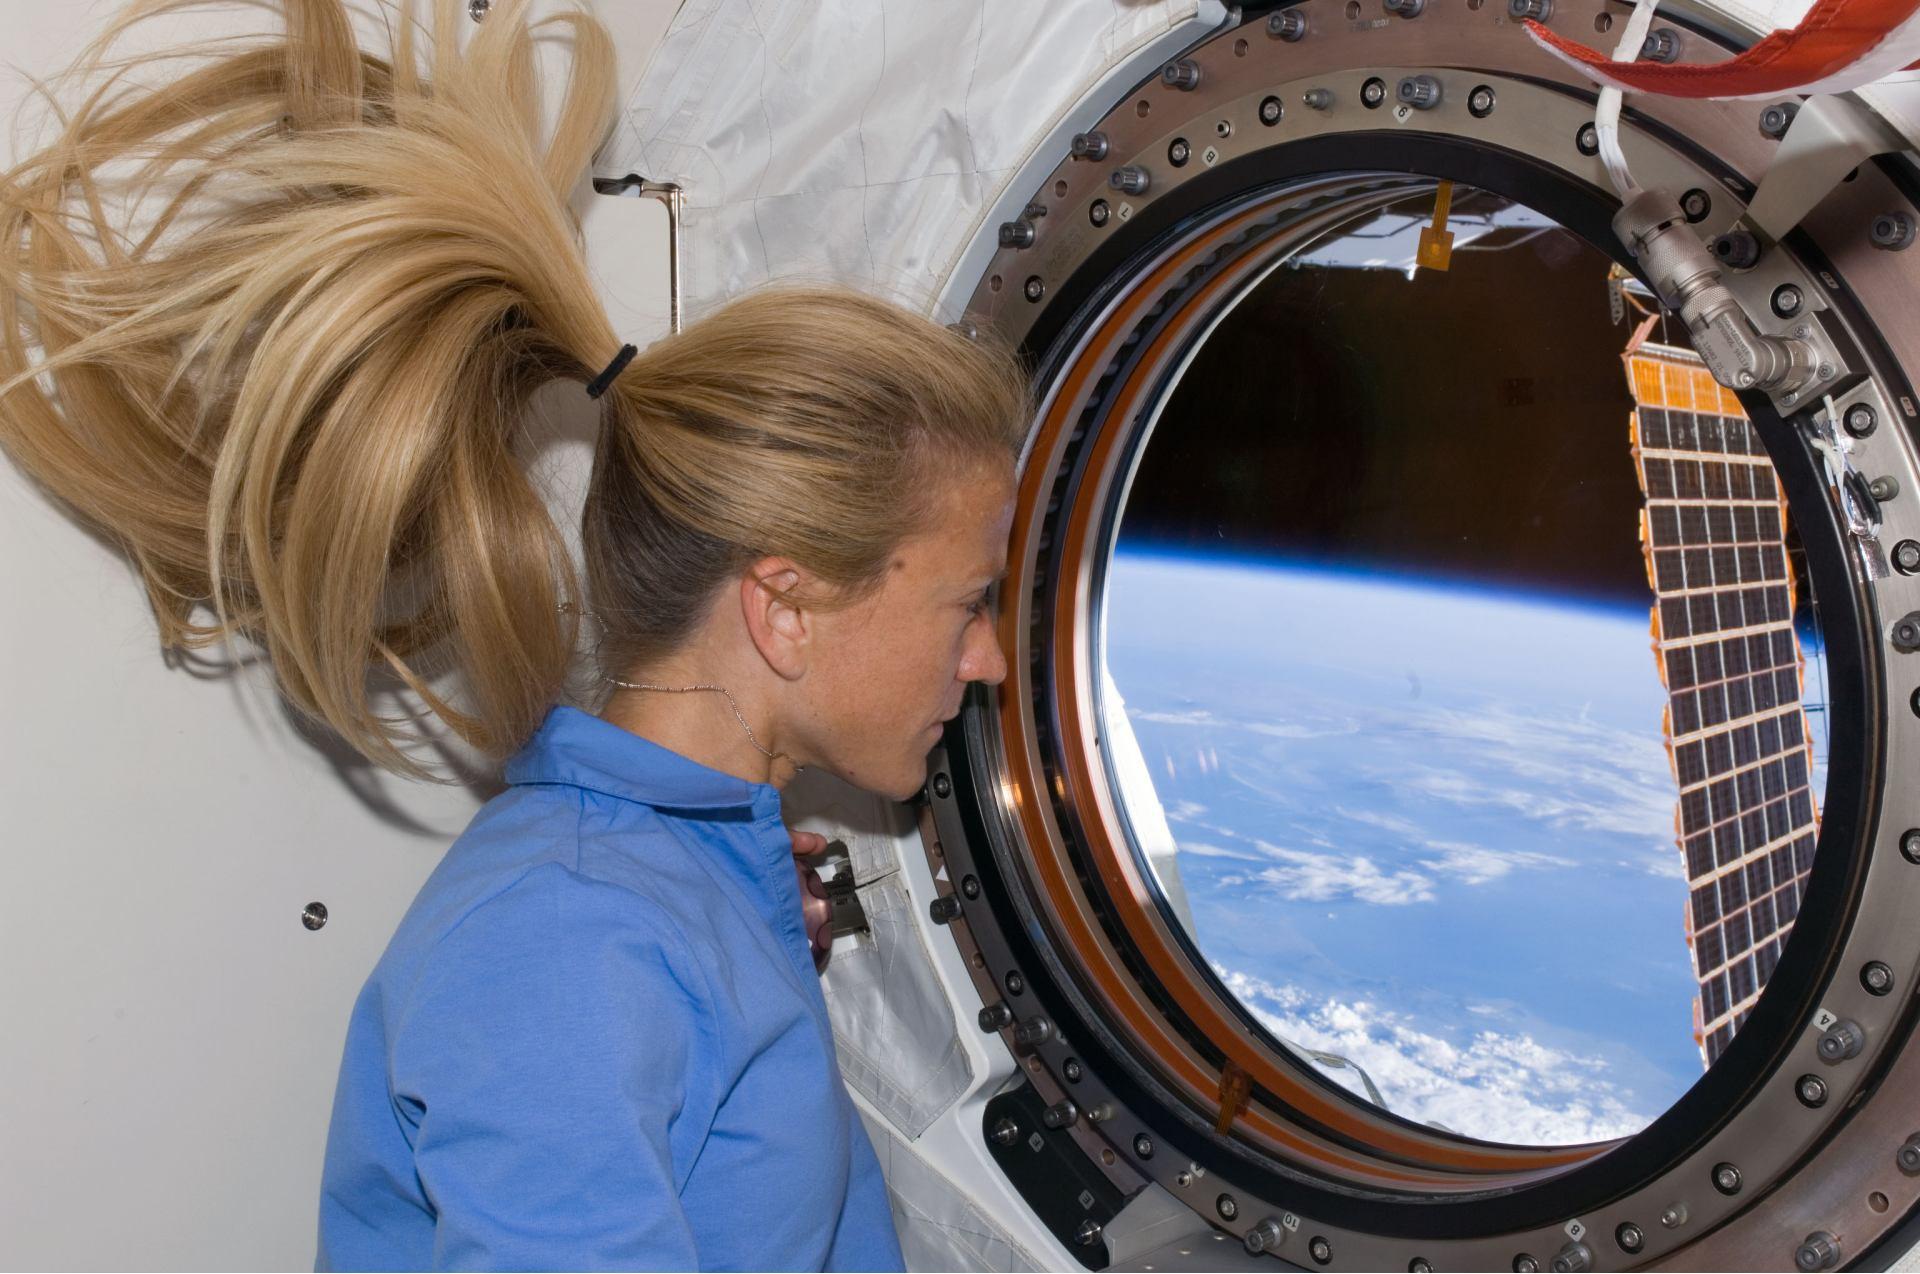 Шикарные открытки, смешные картинки про космос